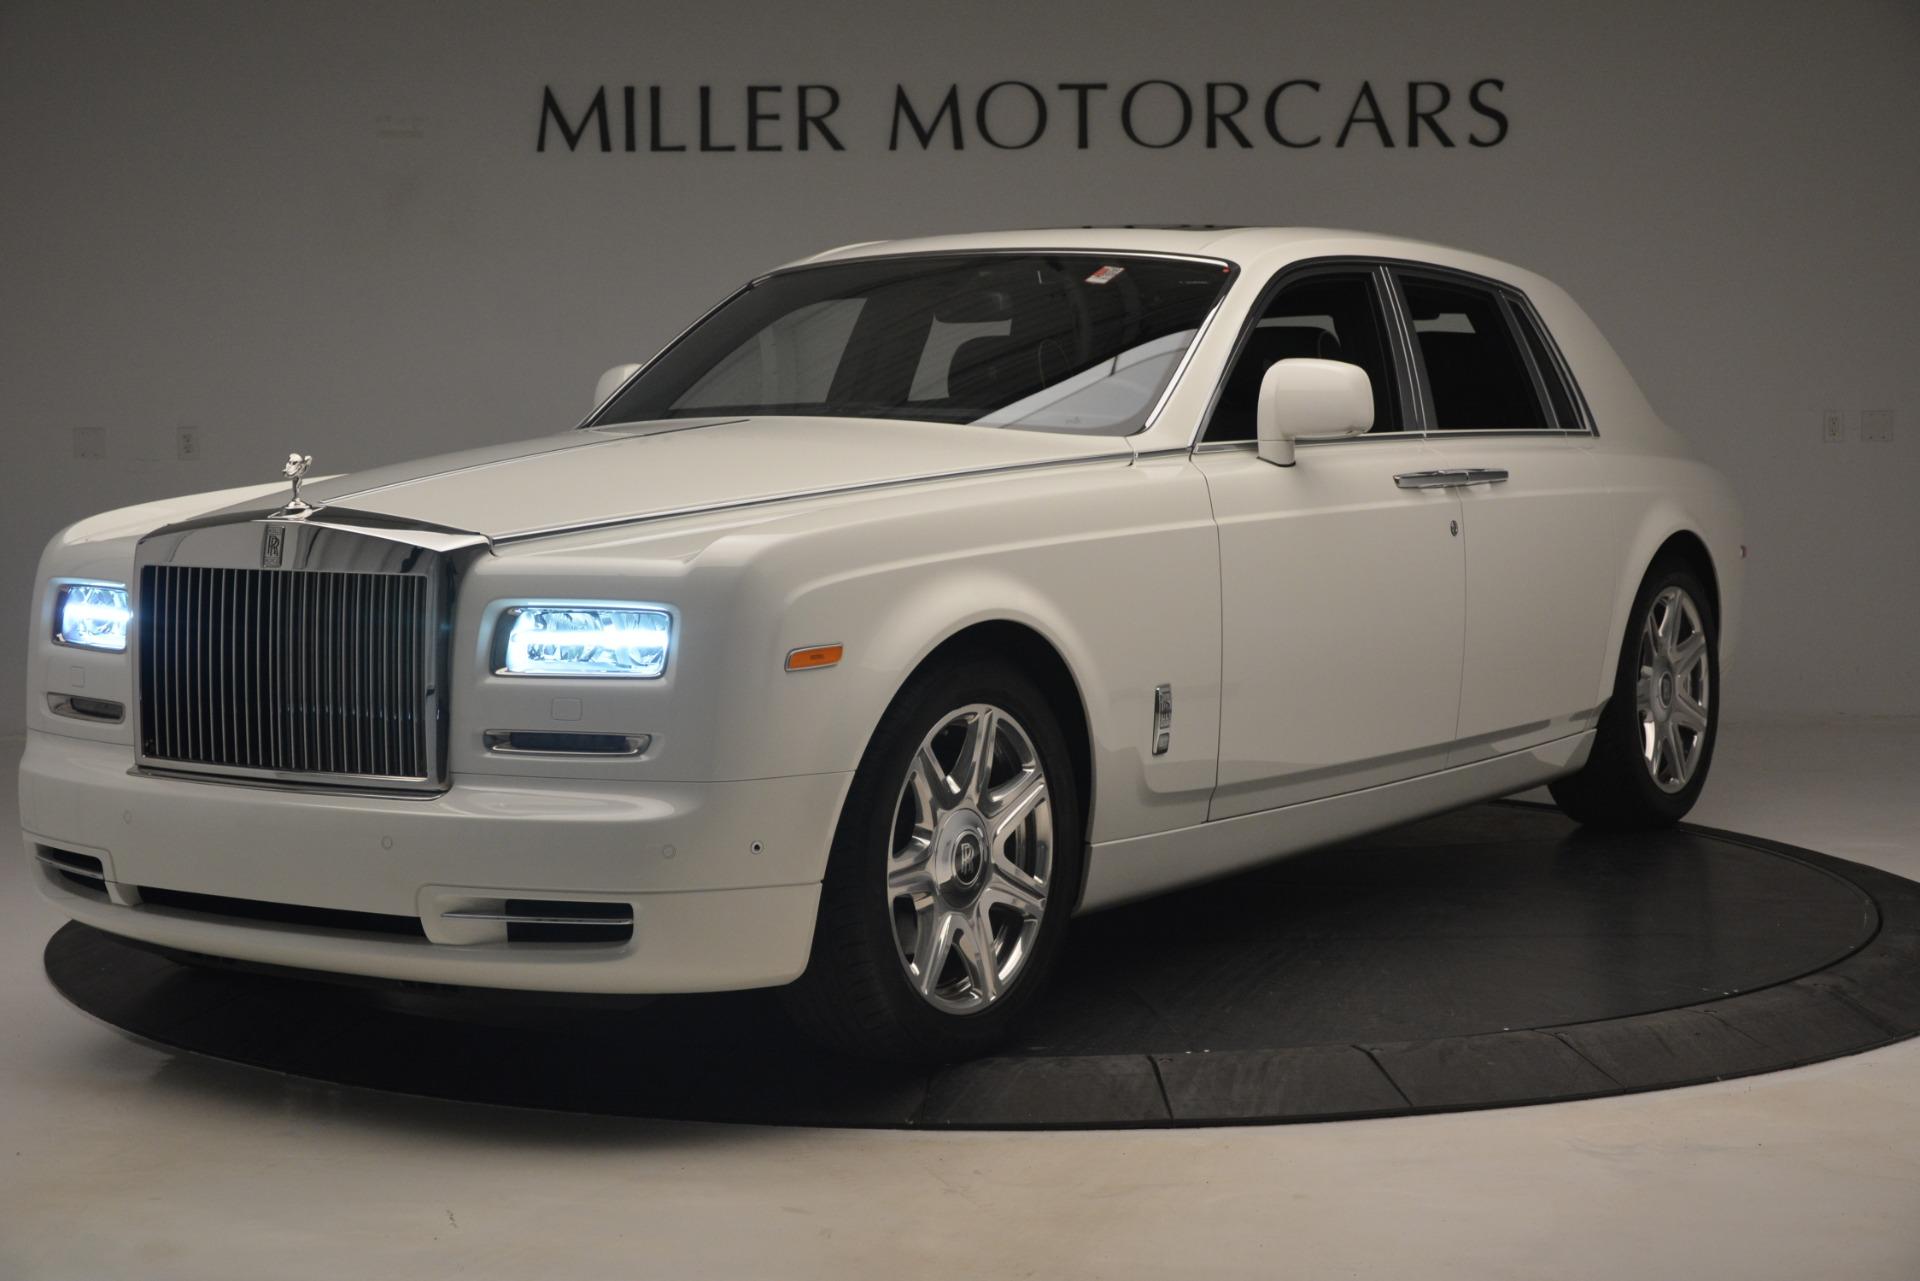 Used 2014 Rolls-Royce Phantom for sale Sold at Alfa Romeo of Westport in Westport CT 06880 1